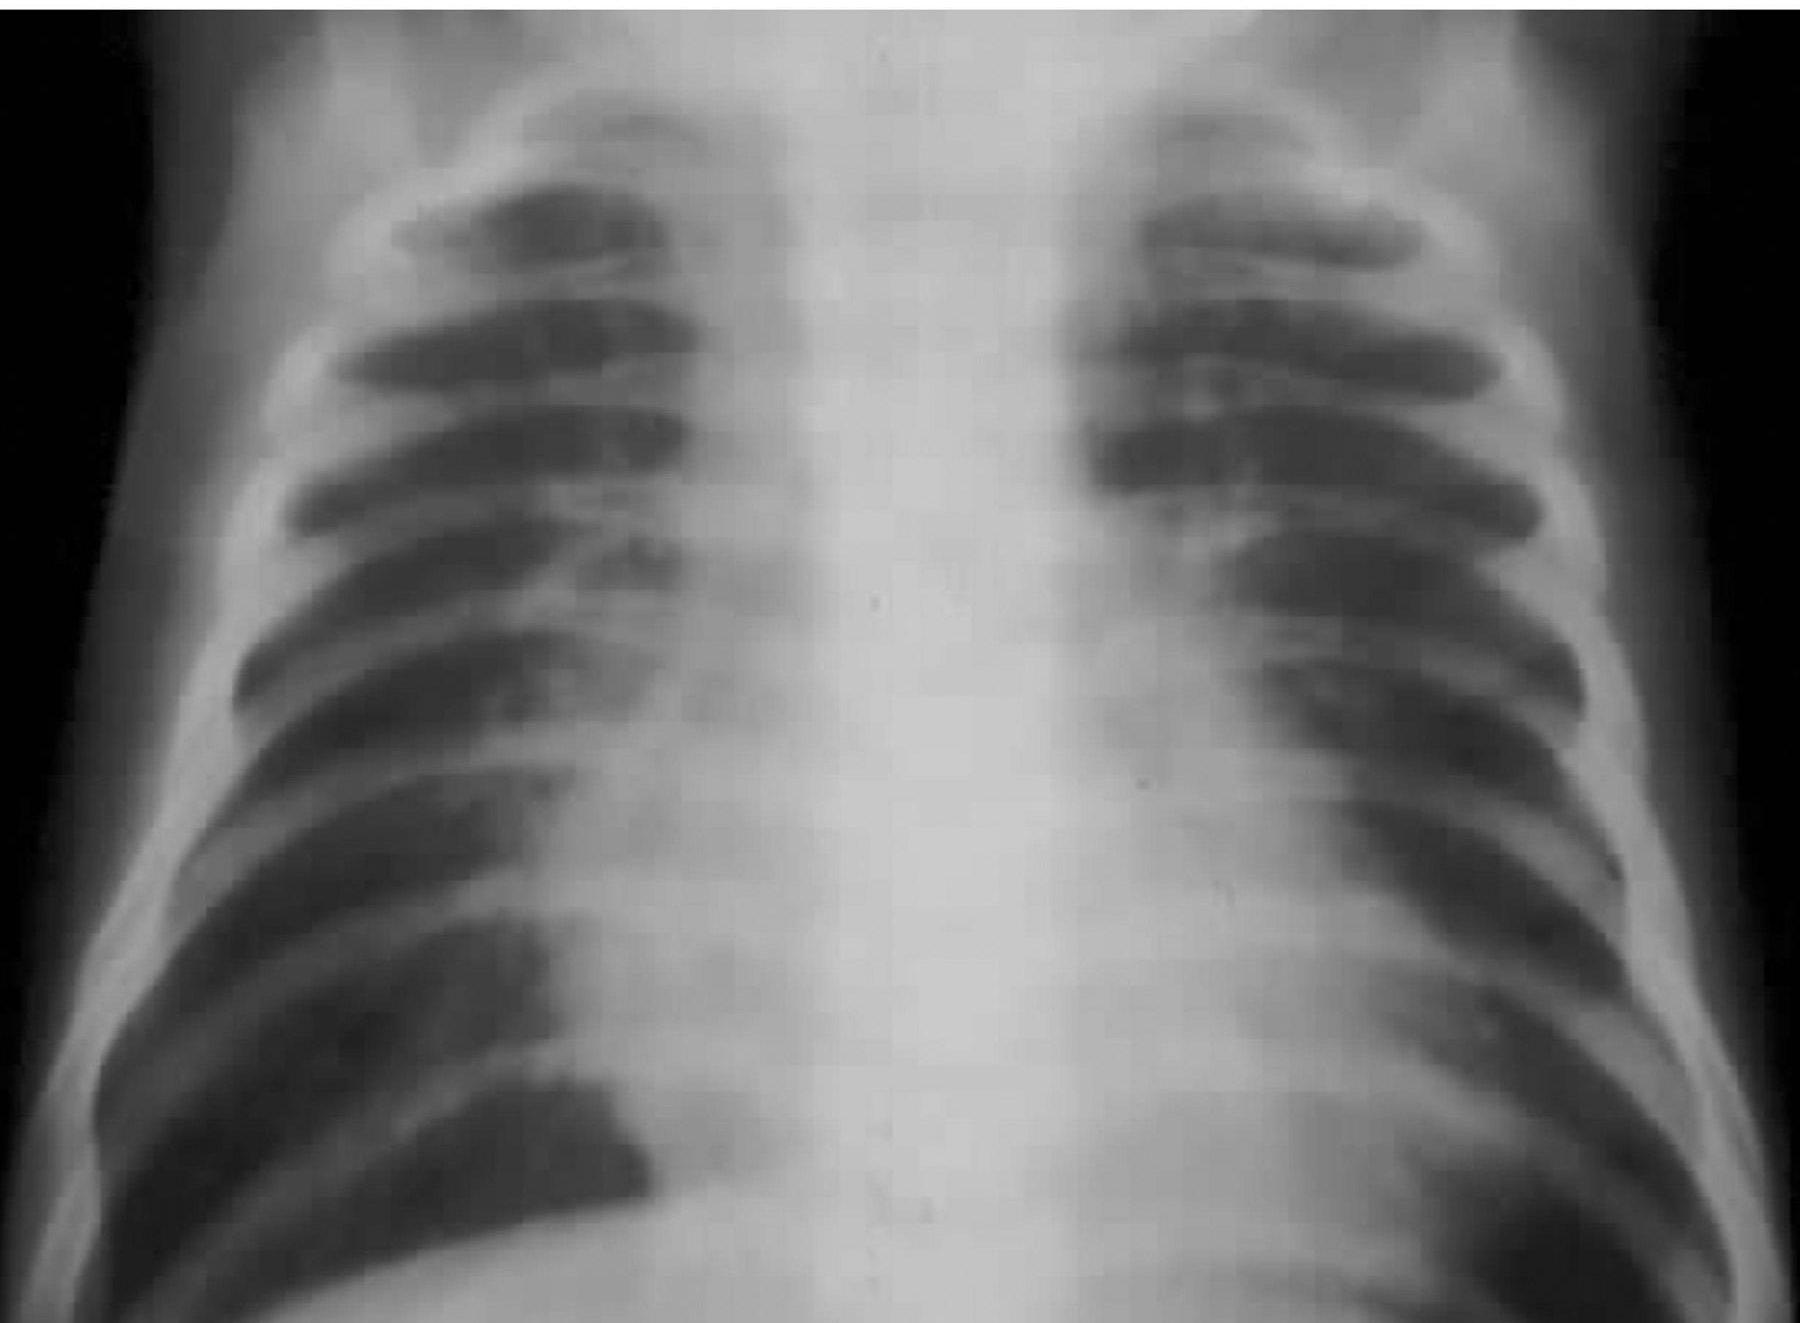 Трикуспидальная атрезия. Рентгенограмма лобной грудной клетки у ребенка с трикуспидальной атрезией и нерестриктивным дефектом межжелудочковой перегородки.